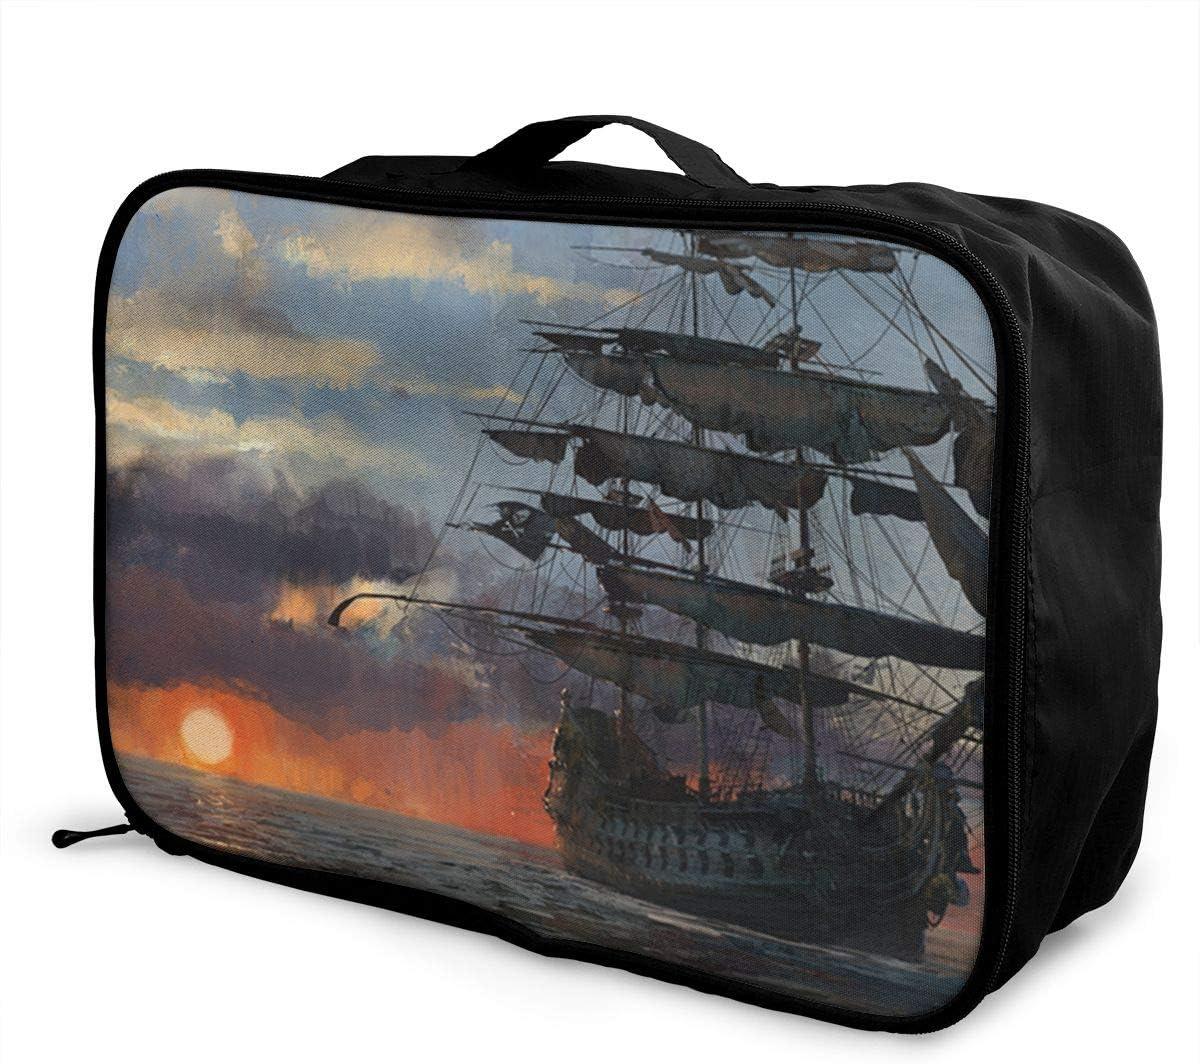 Amp-bones-sea Travel Carry-on Luggage Weekender Bag Overnight Tote Flight Duffel In Trolley Handle